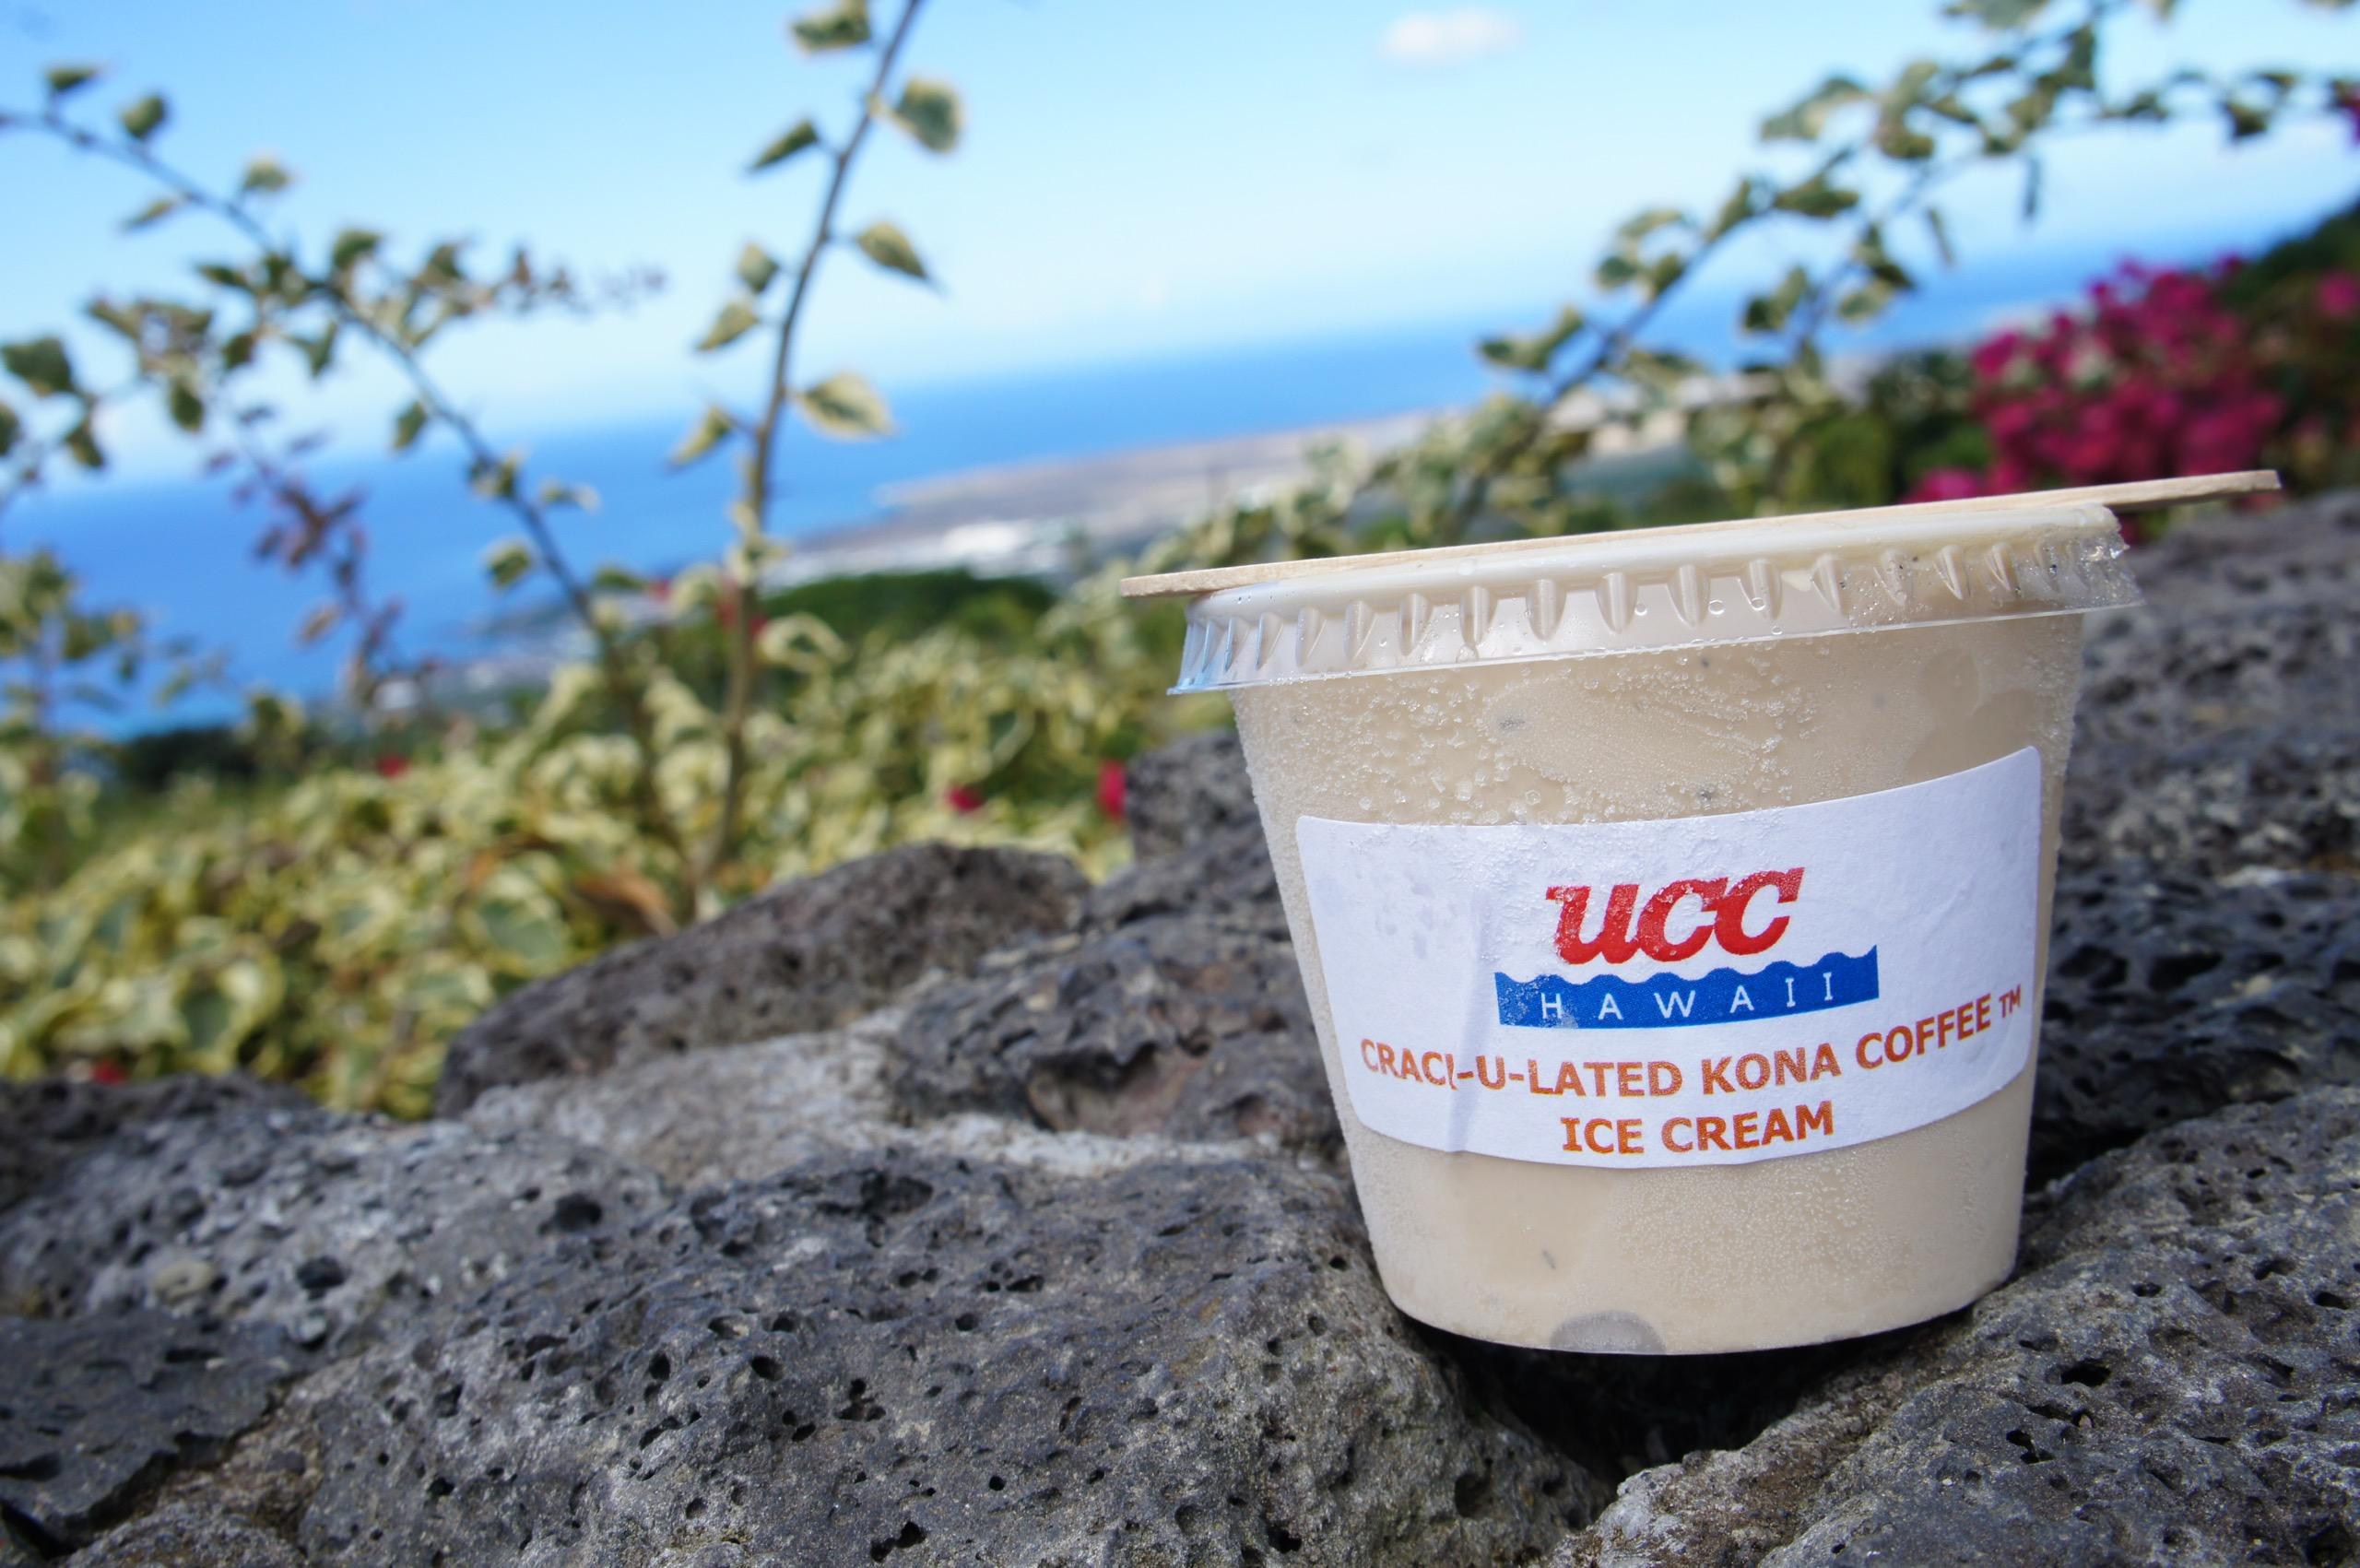 《#ハワイ女子旅》絶対食べたい❤️【UCCハワイ直営農園】で食べられるコナコーヒーアイスクリーム☻_1